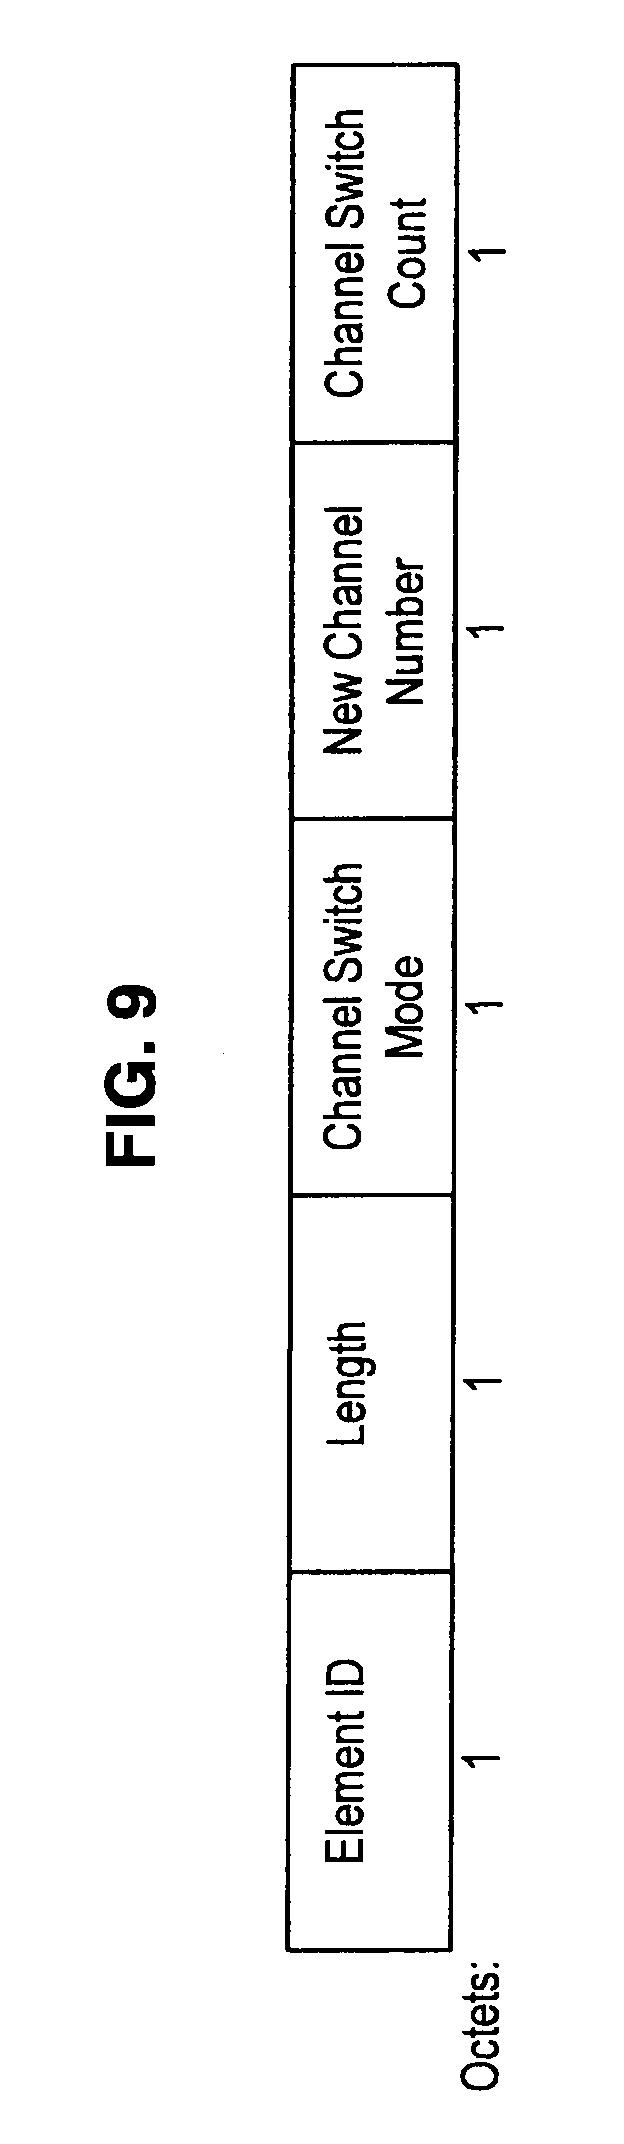 Patent Us8503331 Wireless Communication Device Wireless